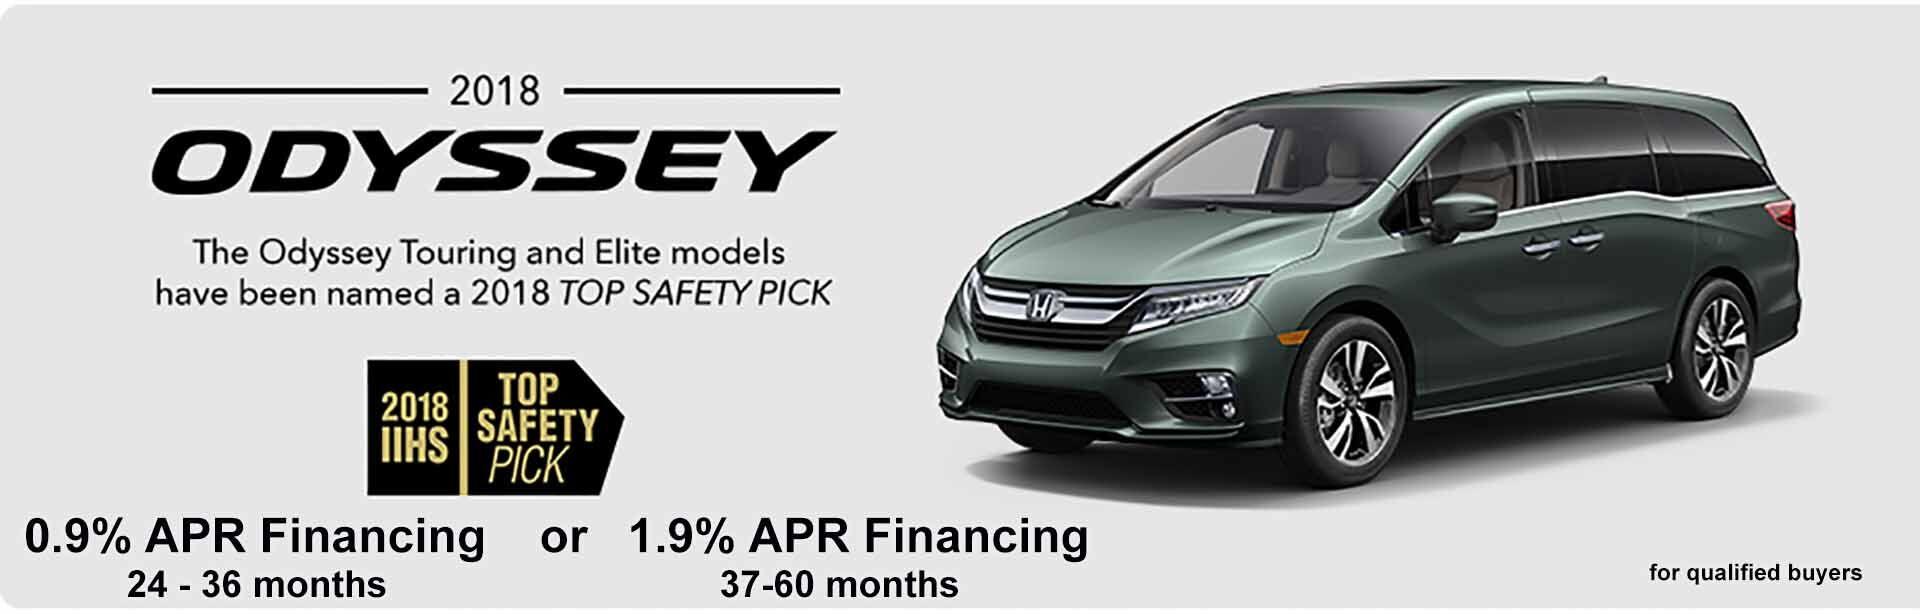 Pauly Honda Libertyville New Honda And Used Car Dealer